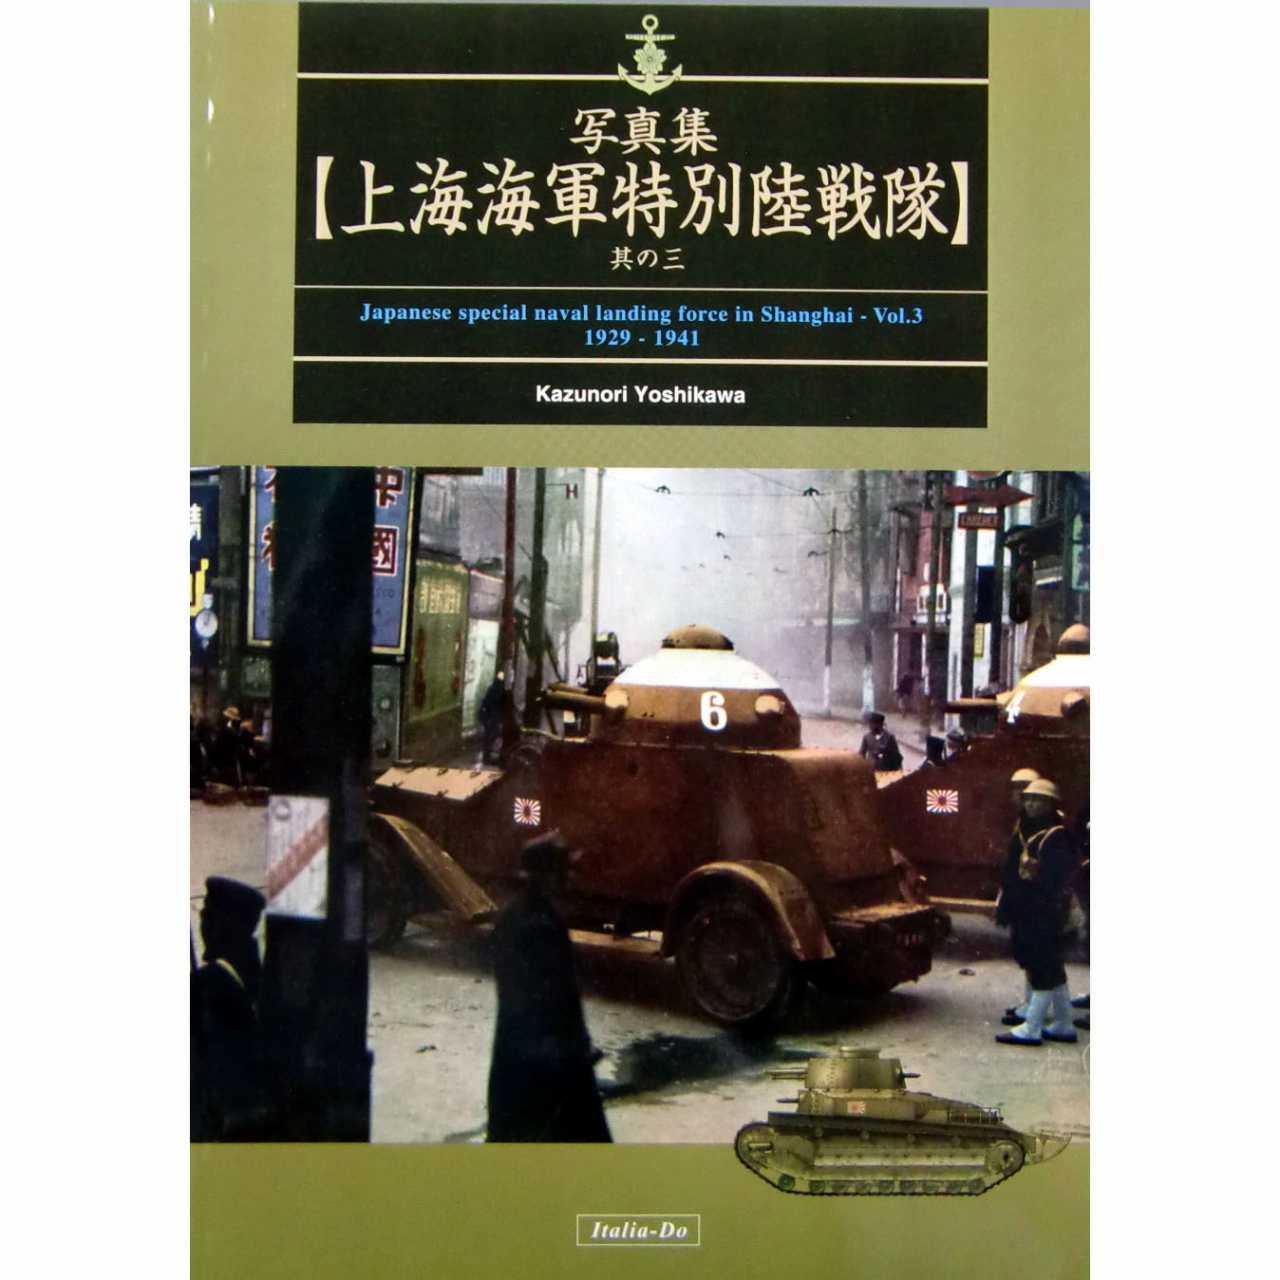 【新製品】写真集 上海海軍特別陸戦隊 其の三